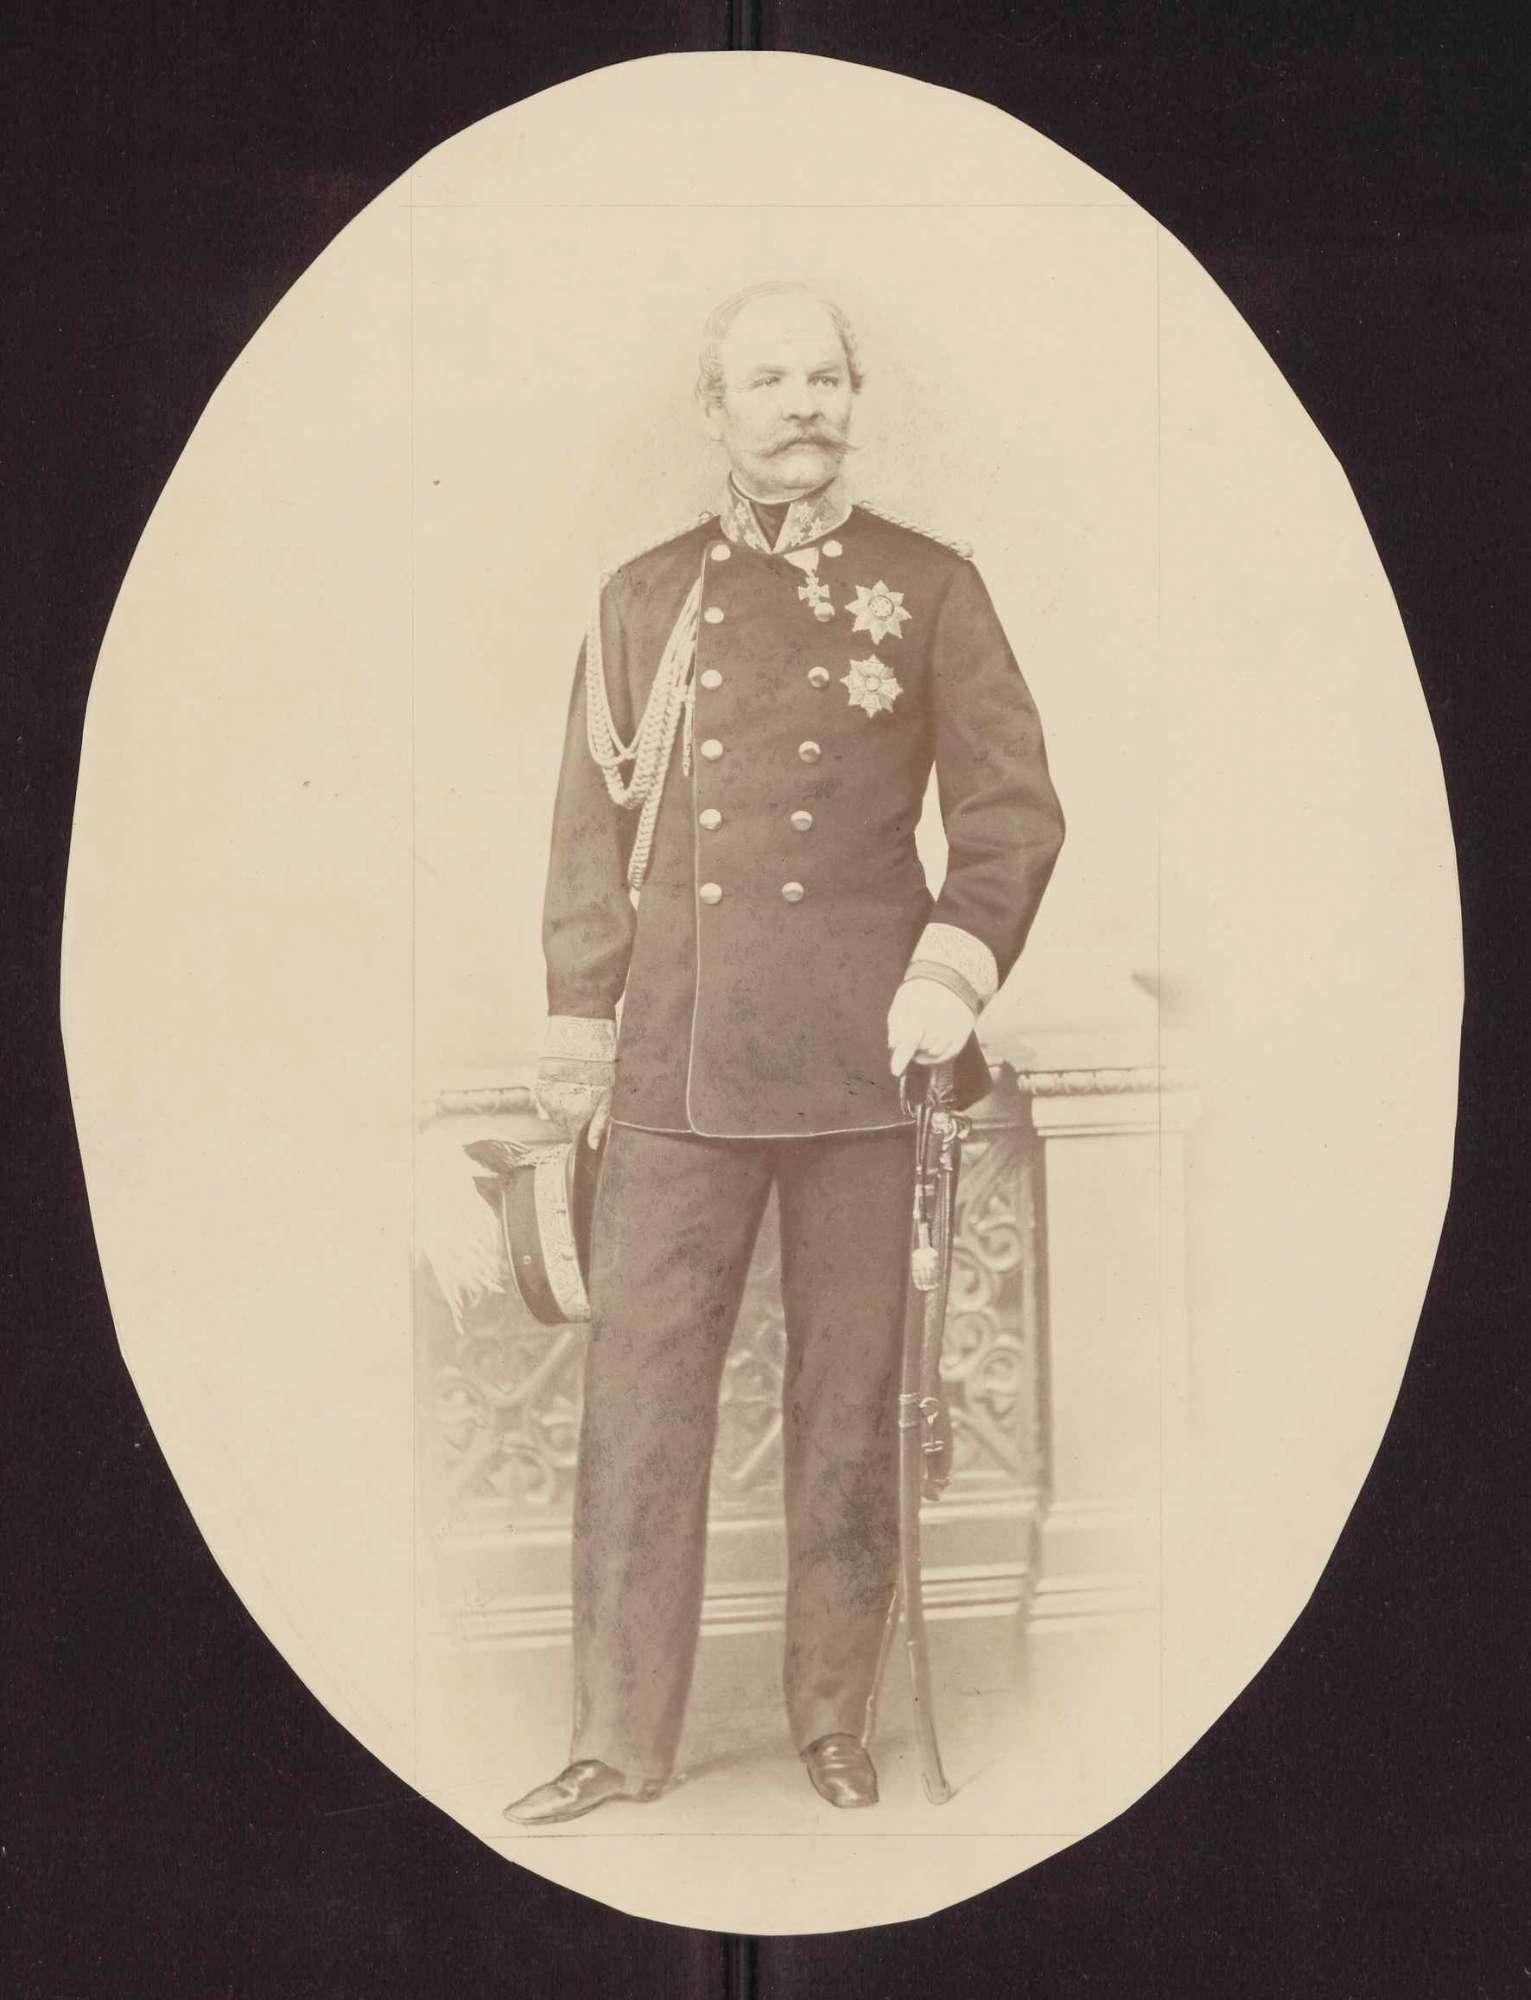 Prinz Friedrich von Württemberg, stehend in Uniform eines Generals der Kavallerie, in Halbprofil, Bild 1